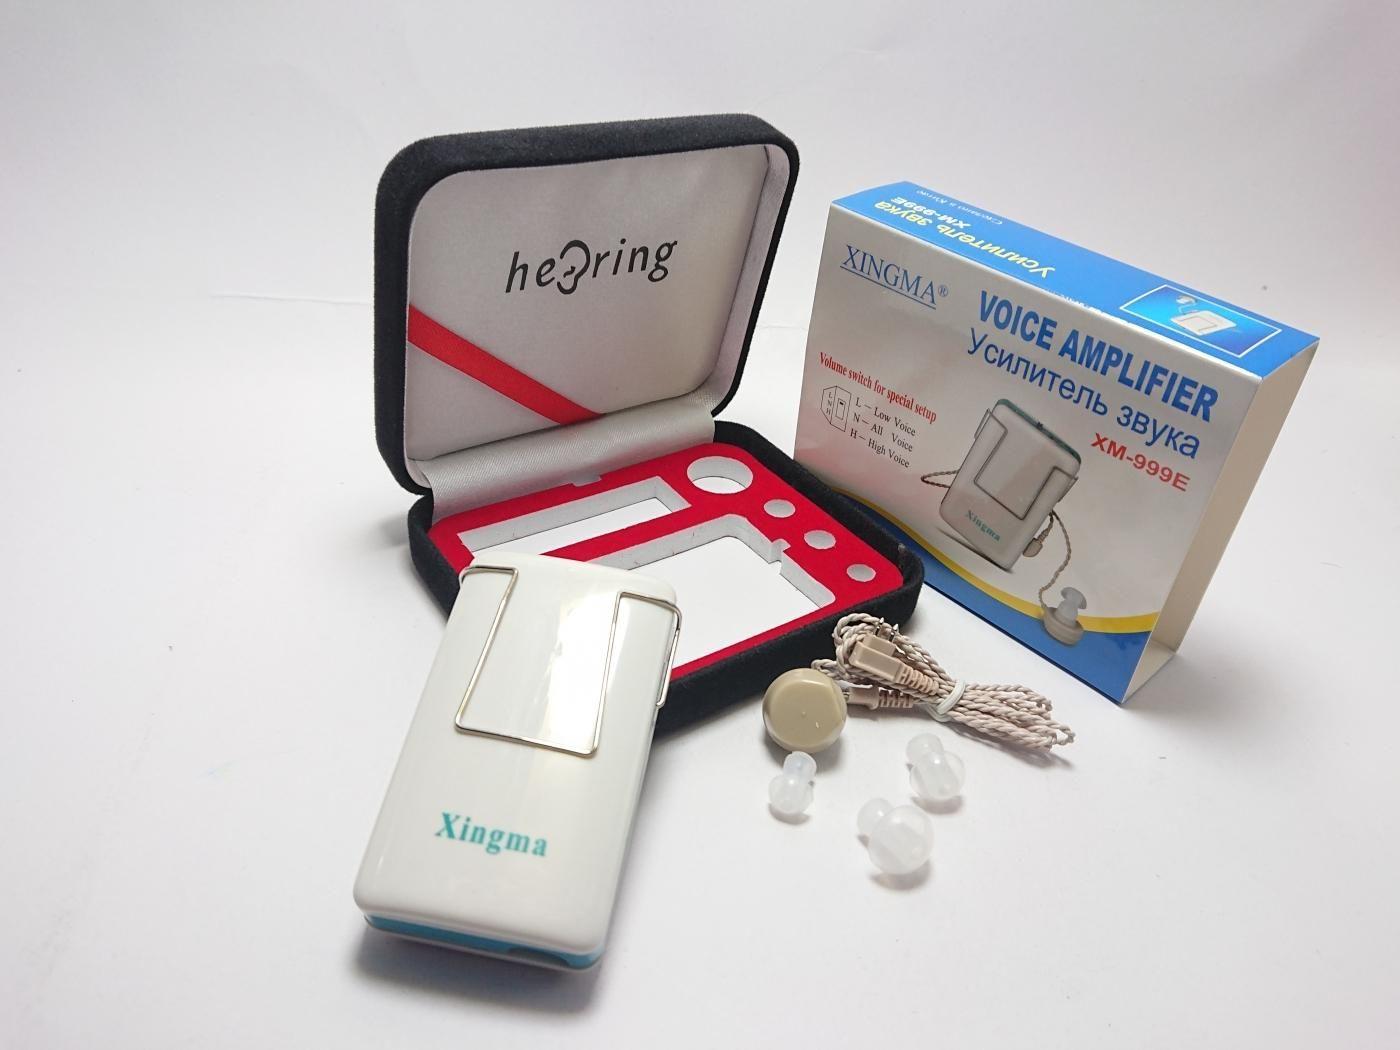 Bộ sản phẩm của máy trợ thính có dây Xingma XM-999E